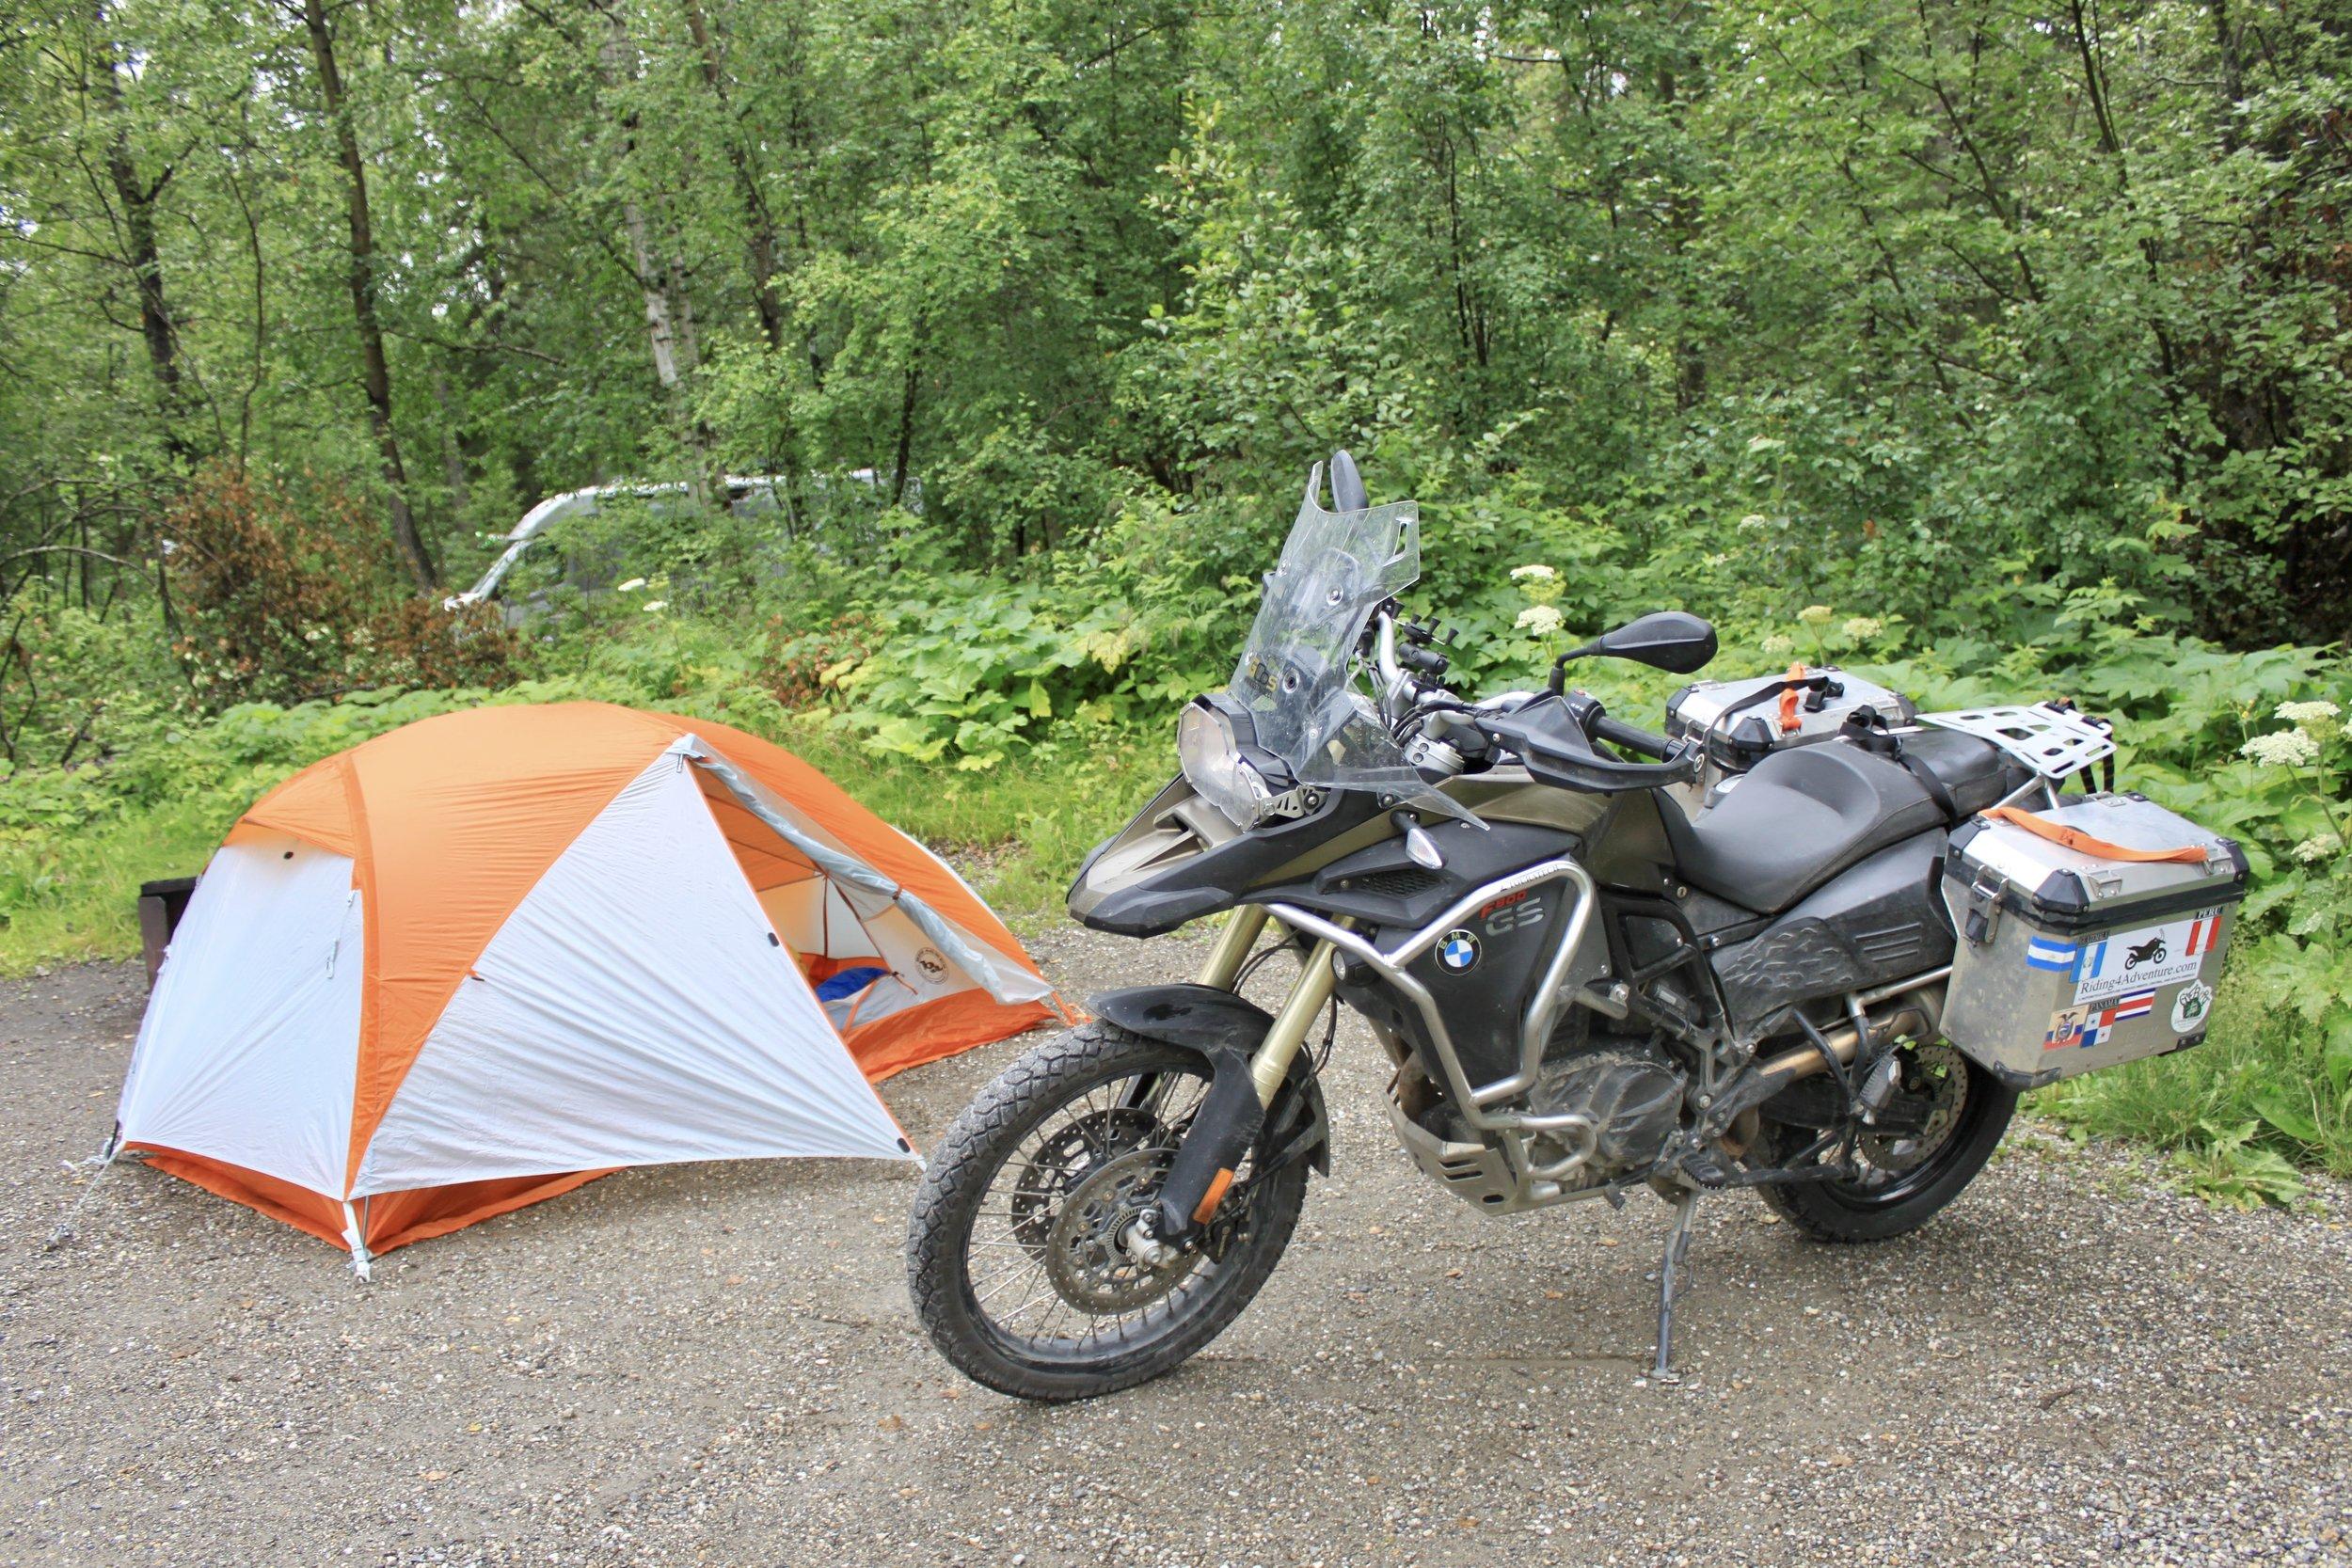 Camping at Liard River Hot Springs.